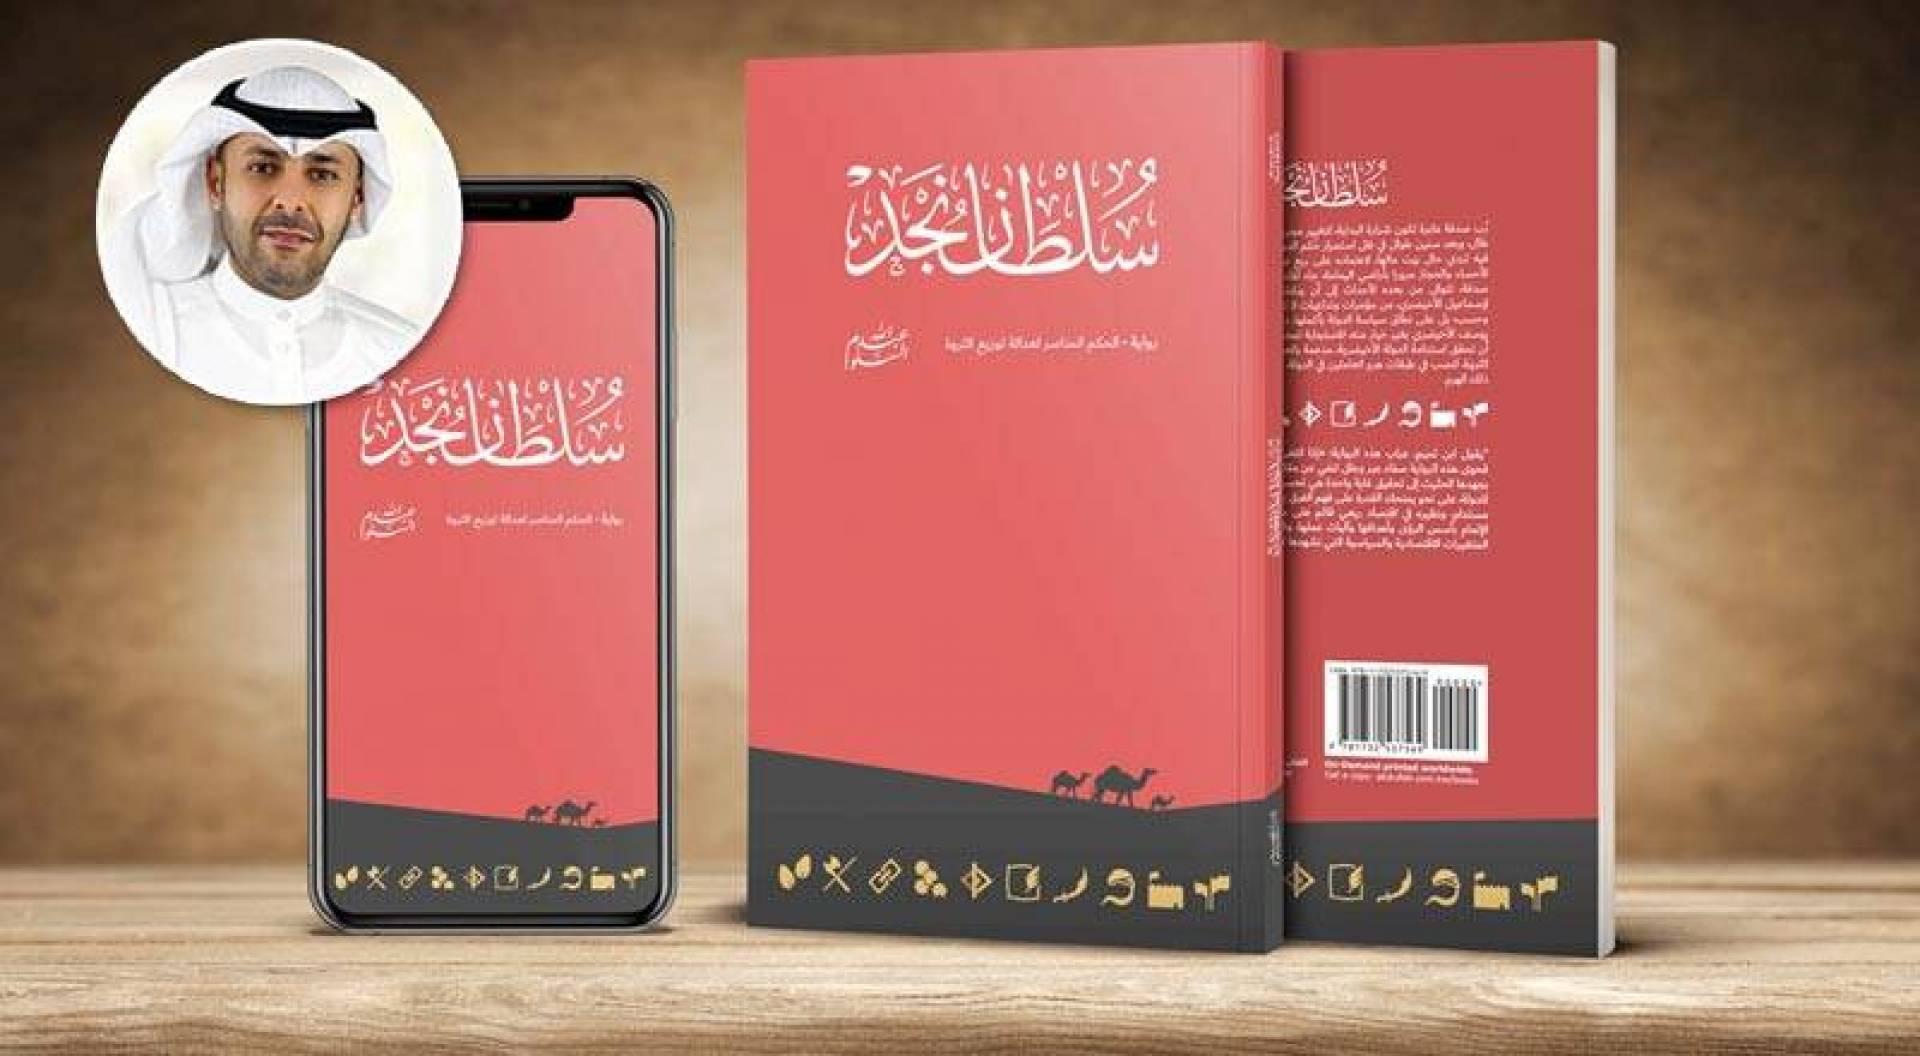 غلاف كتاب «سلطان نجد» وفي الإطار عبدالله السلوم